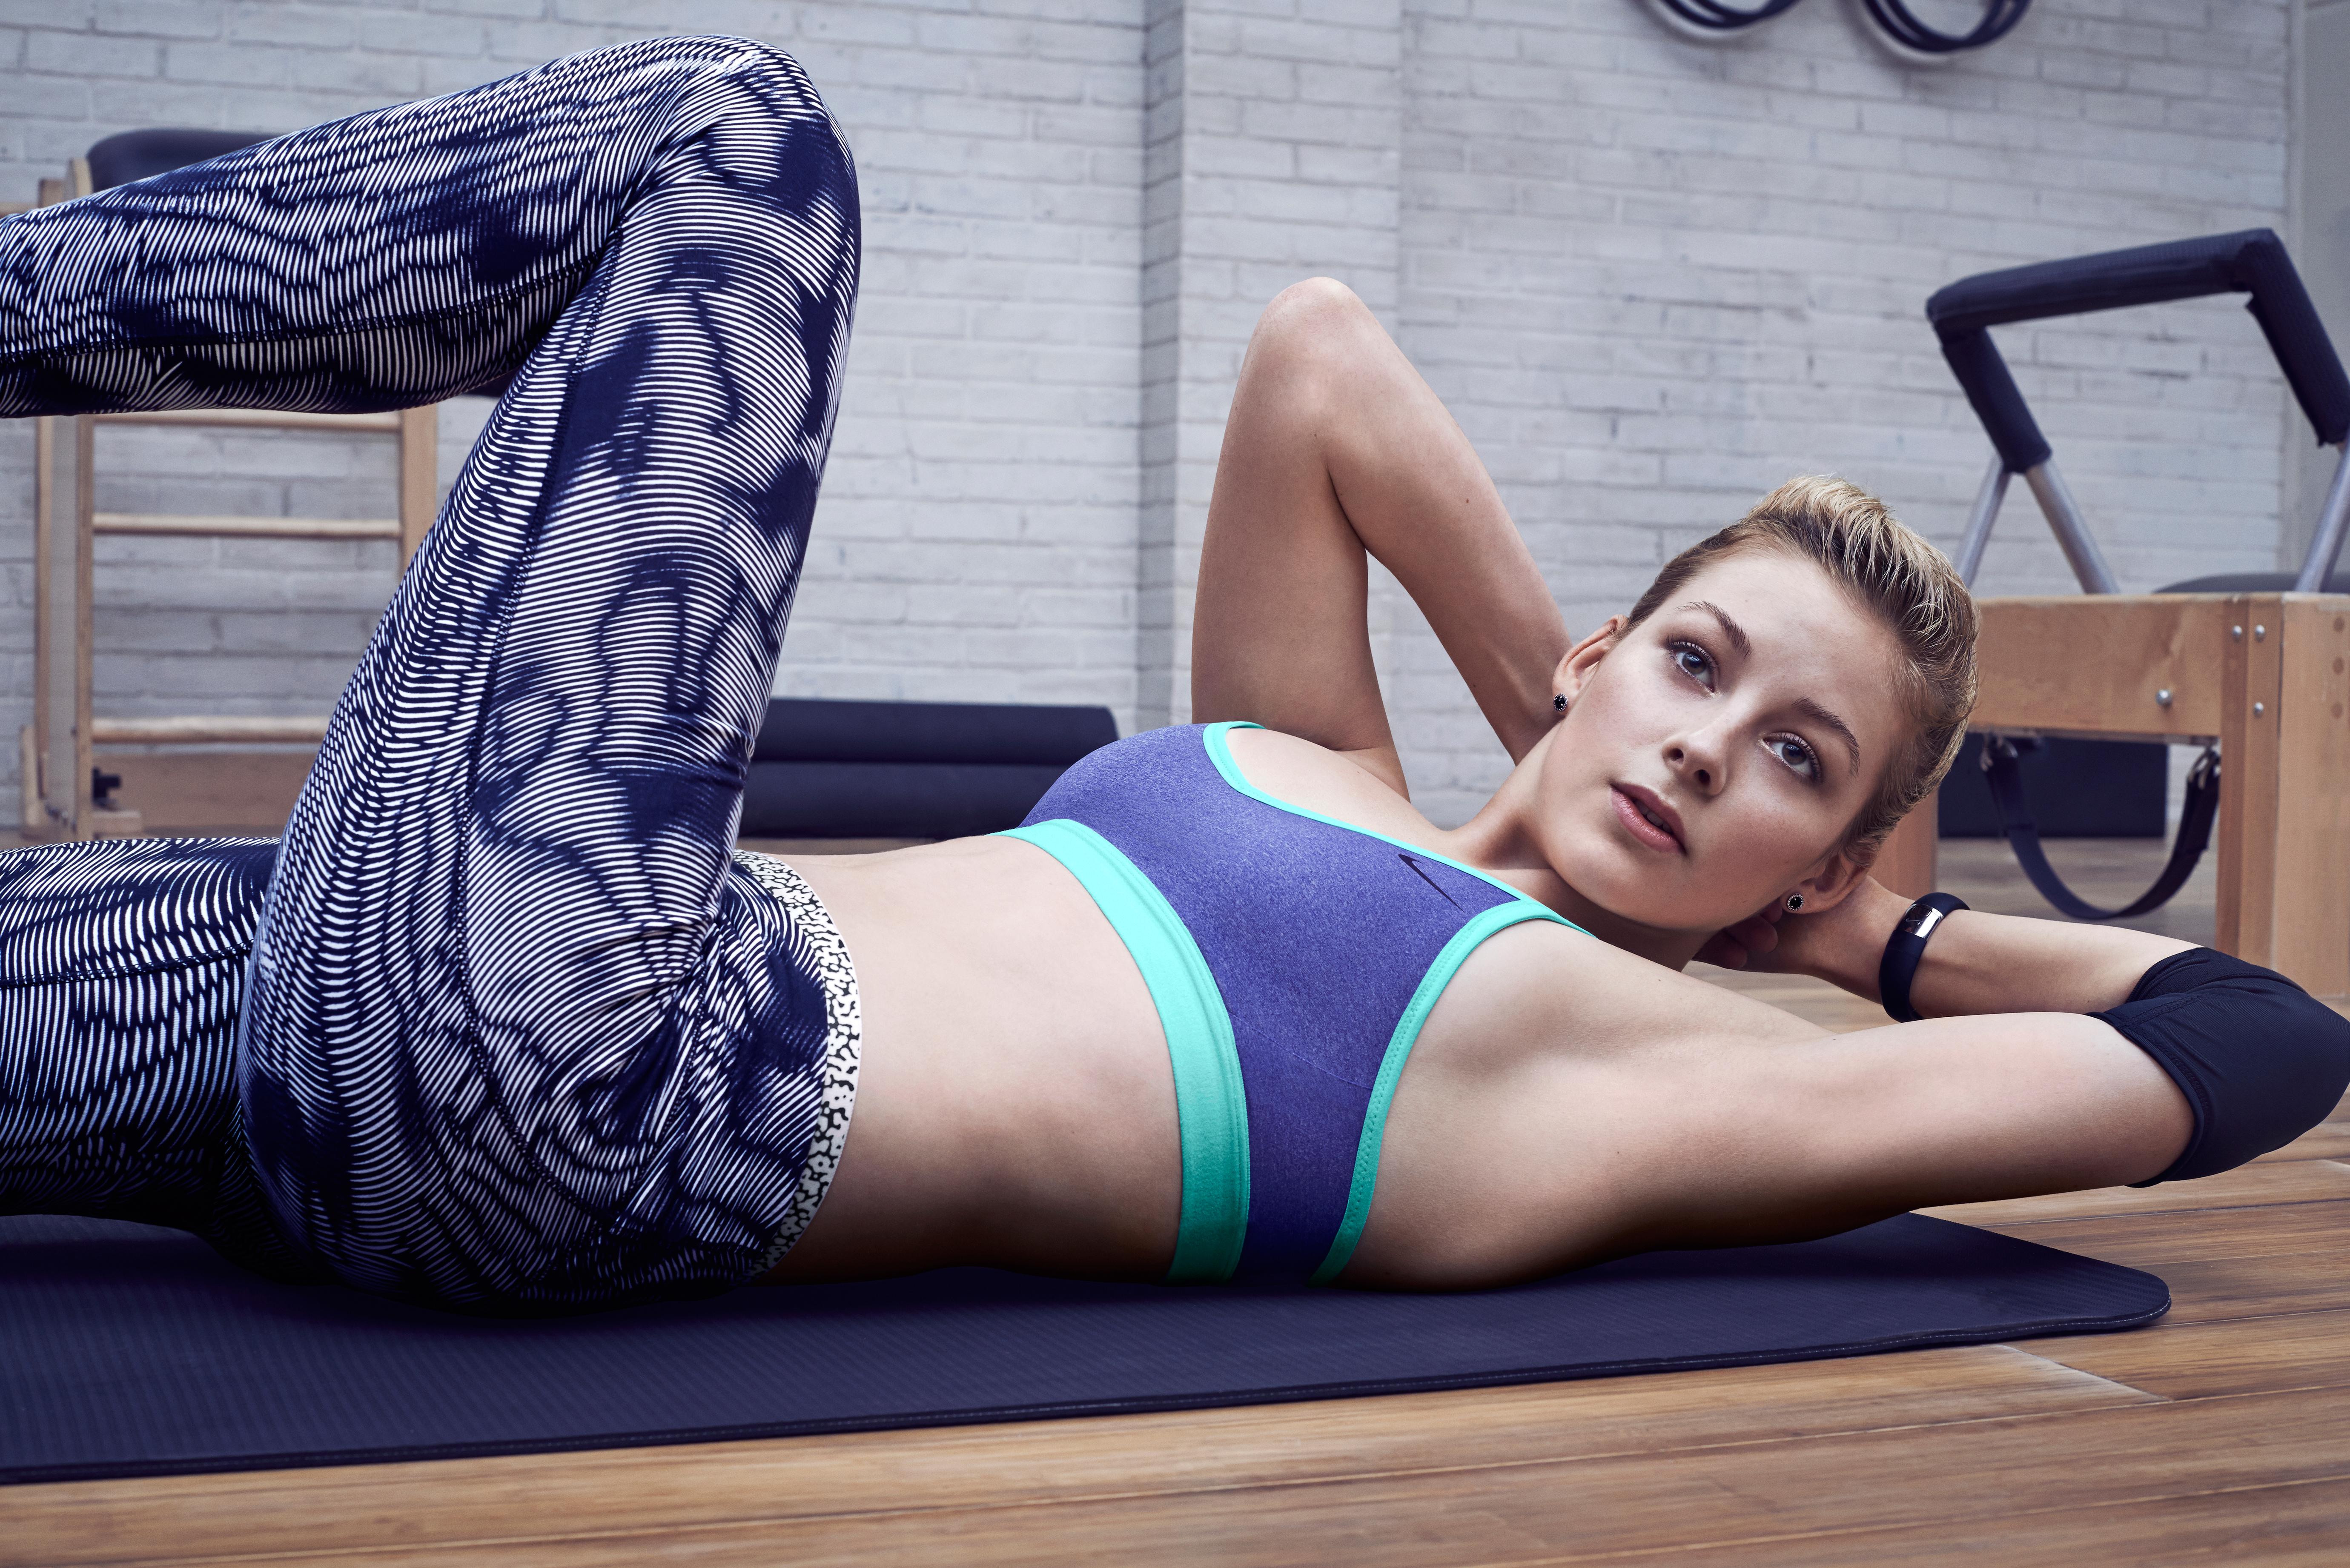 Nike_Gracie_Gold_1_original